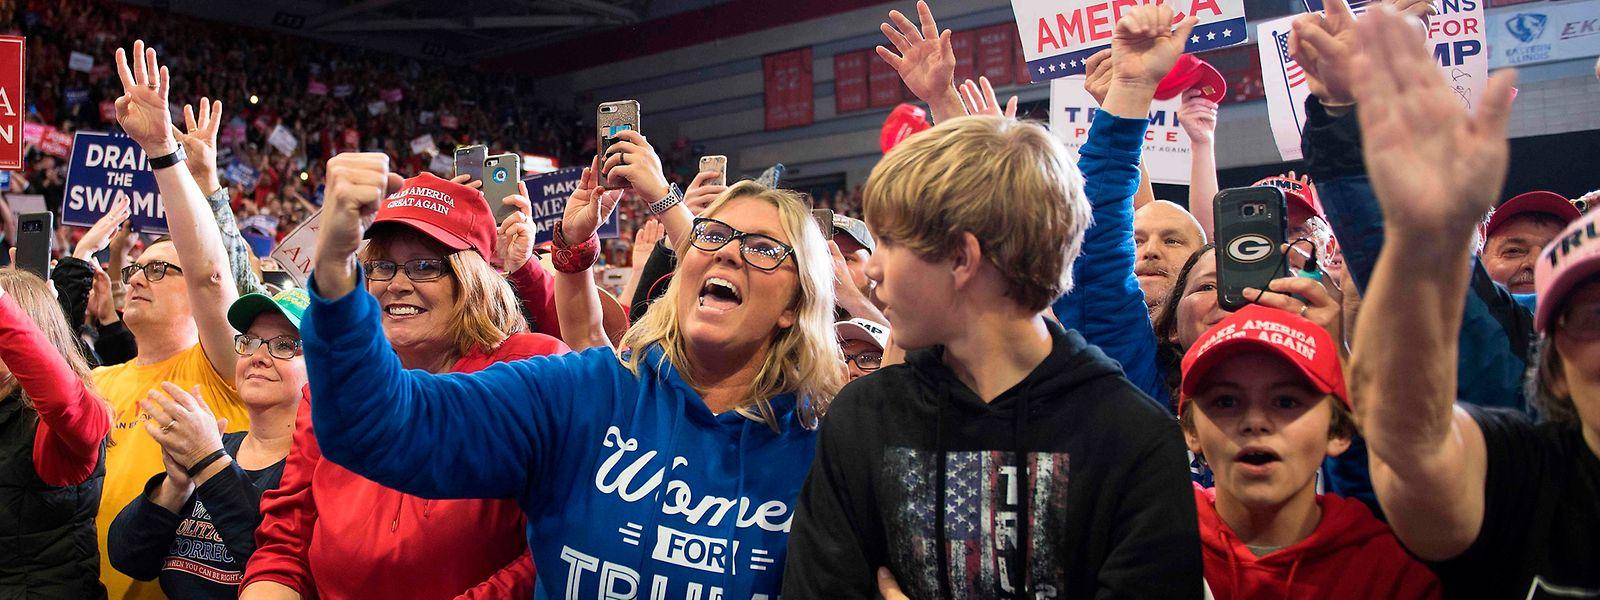 Begeisterte Trump-Anhänger im Bundesstaat Missouri.